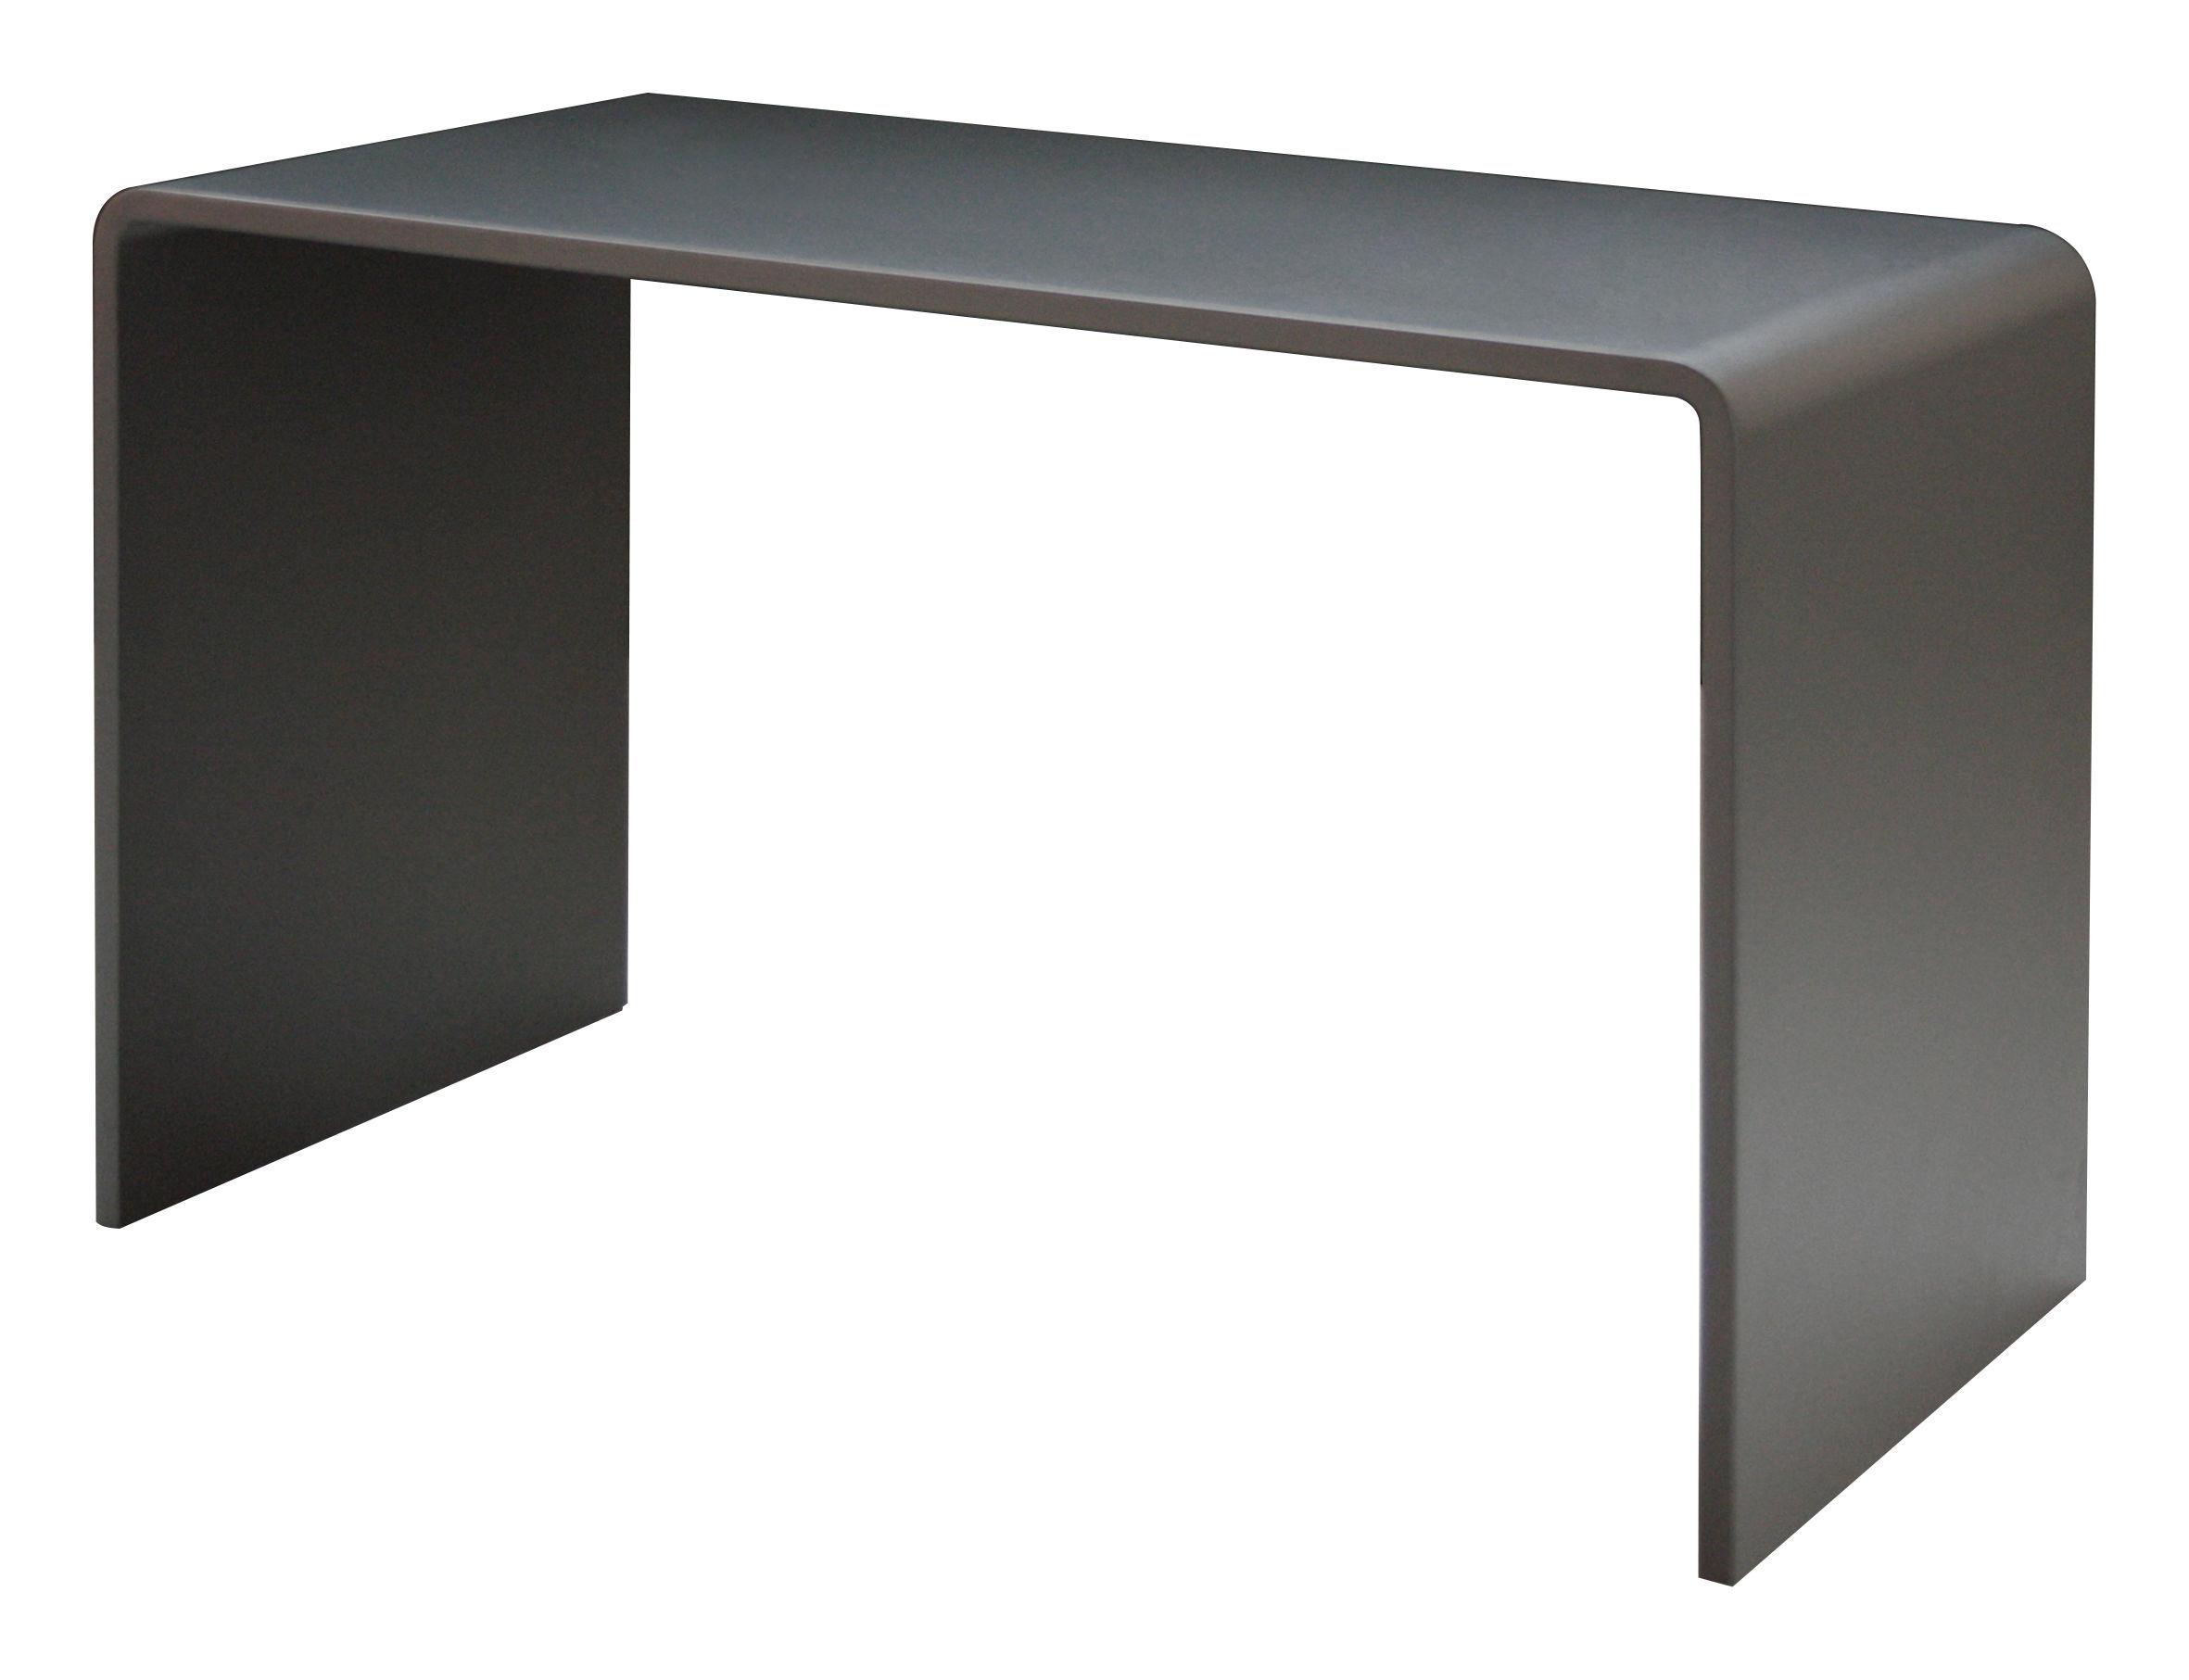 Möbel - Büromöbel - Solitaire Schreibtisch L 120 cm - Zeus - Kanonengrau - bemalter Stahl